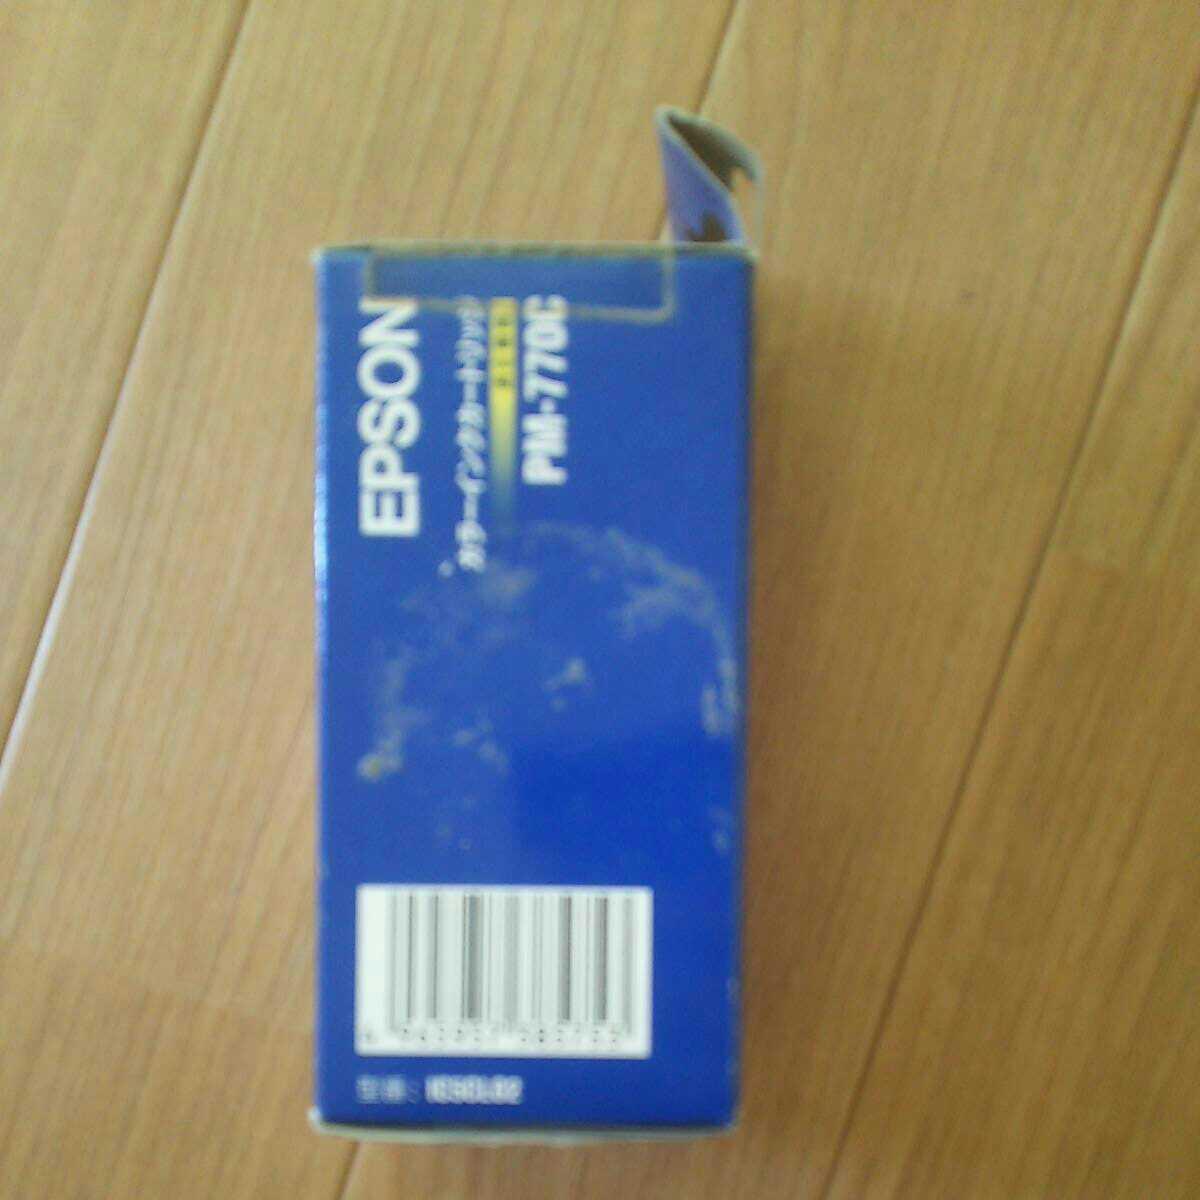 EPSON インクカートリッジ エプソン純正インク 期限切れ IC5CL02_画像3